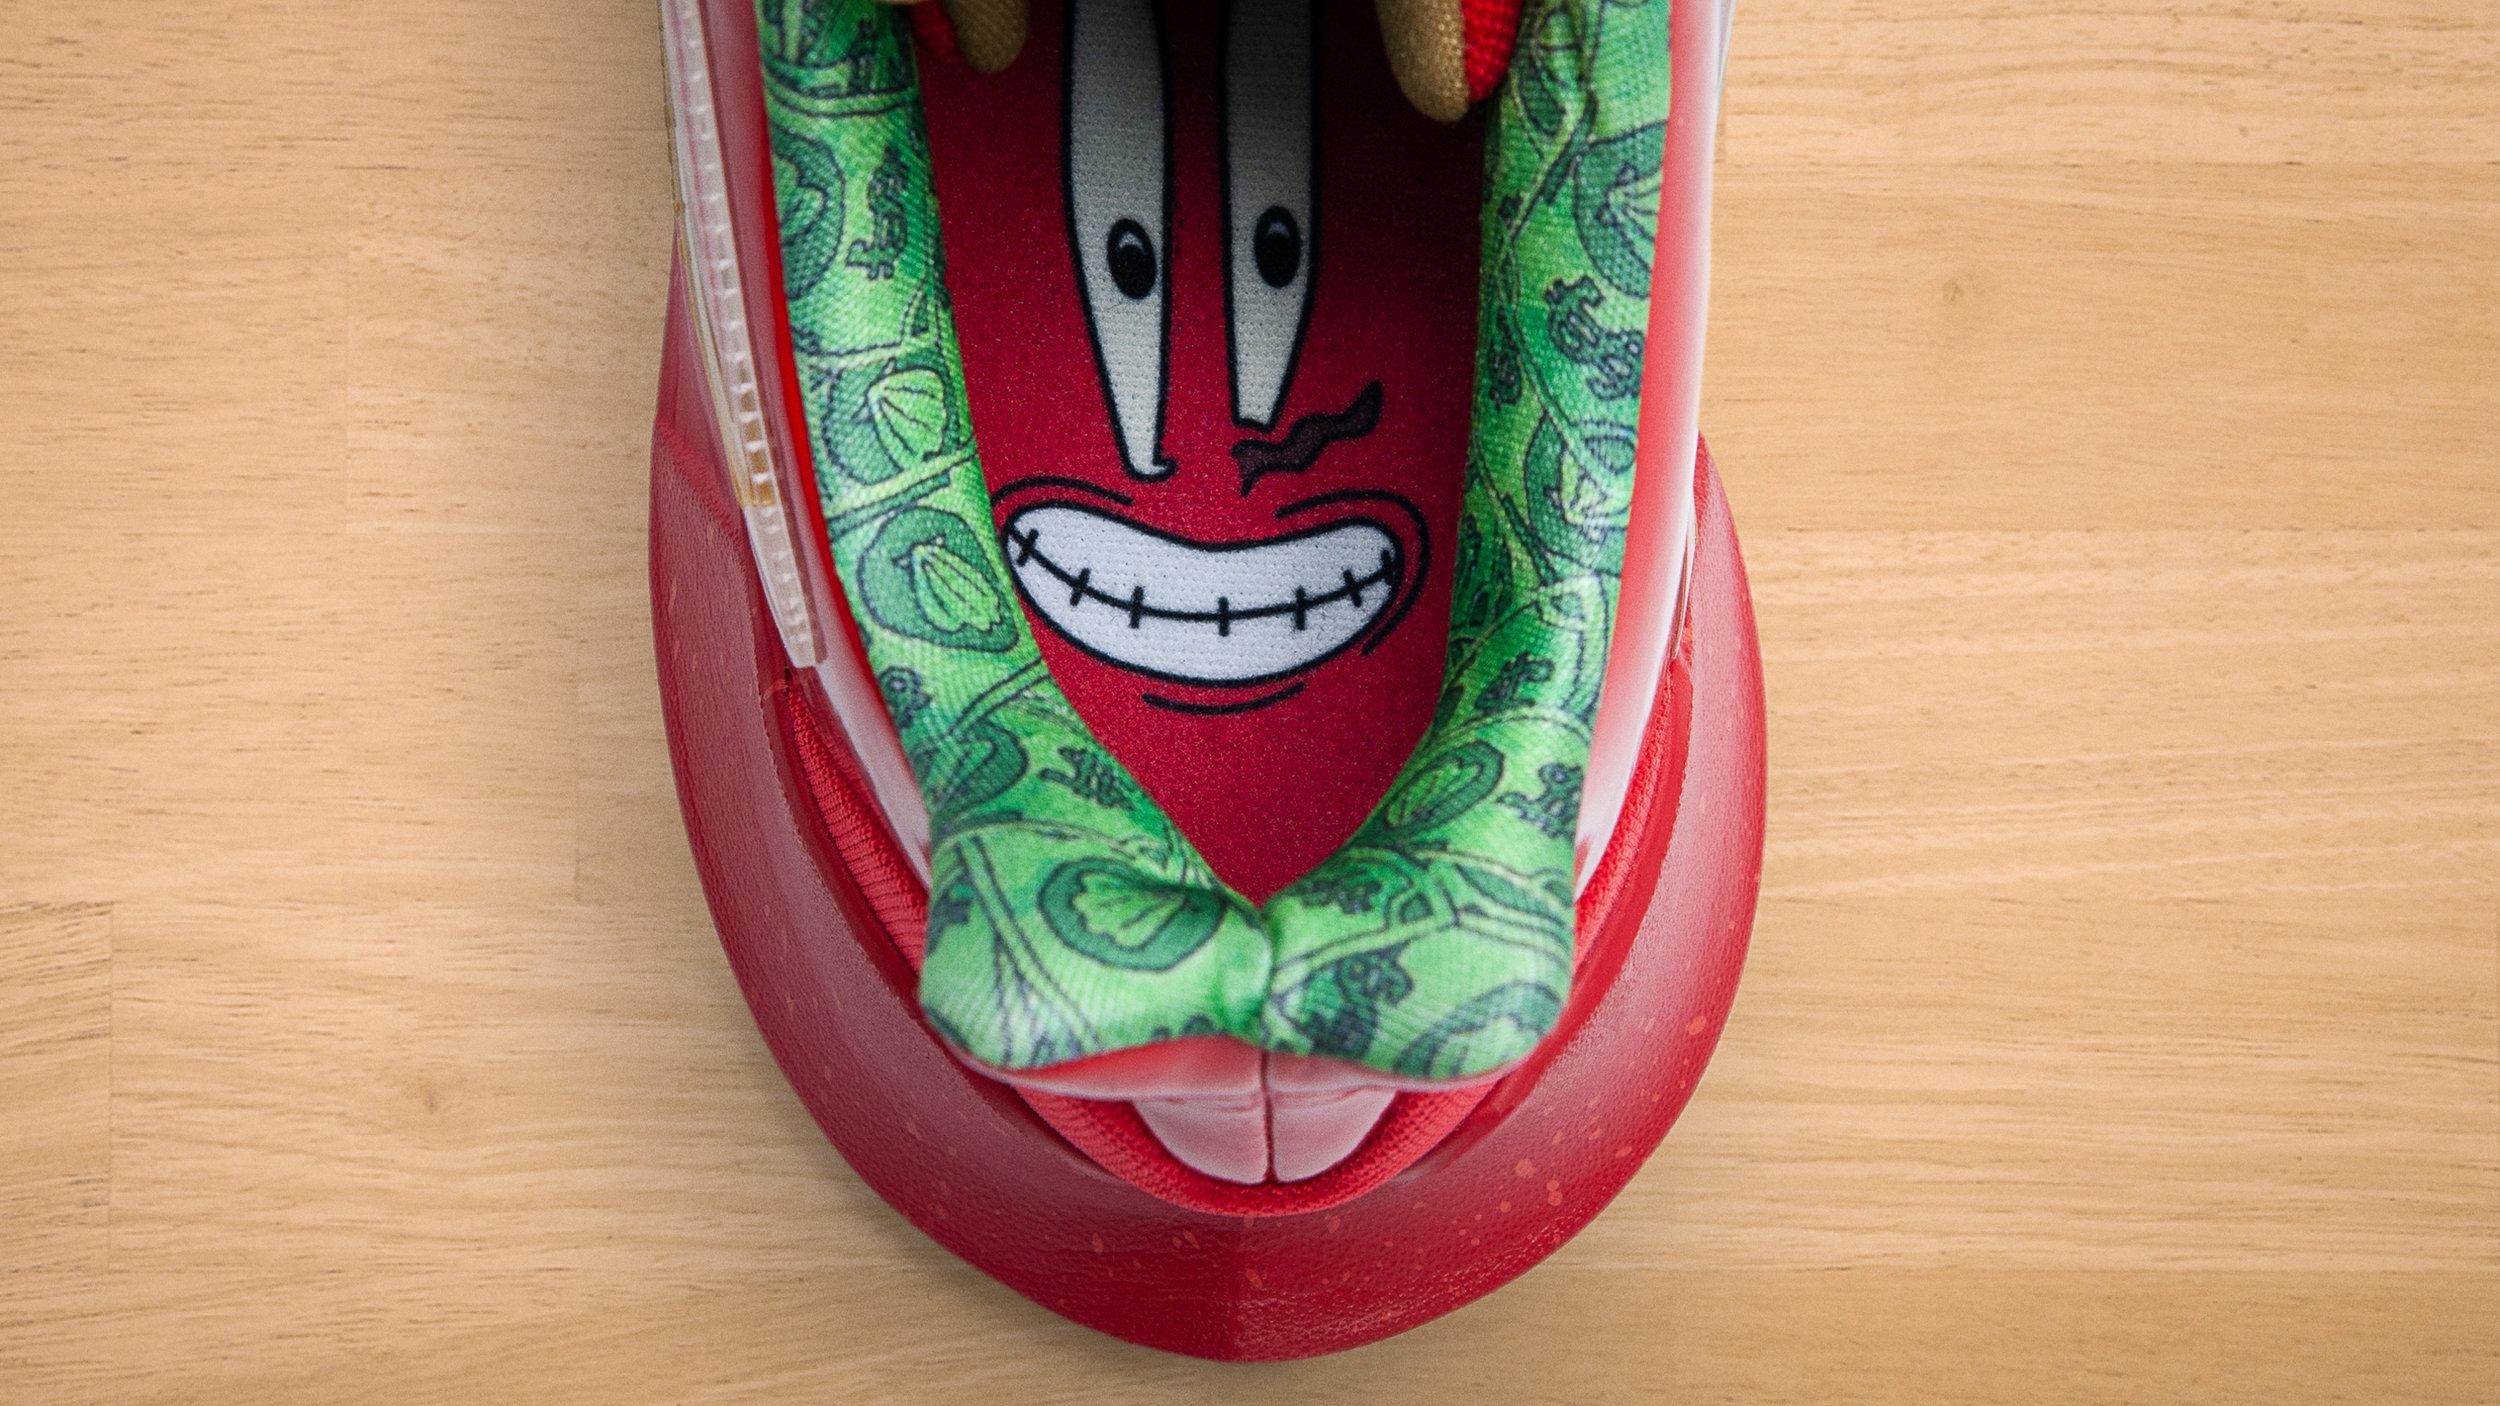 NikeNews_NikeBasketball_Kyrie_Spongebob_DSC_8125_1_89210.jpg